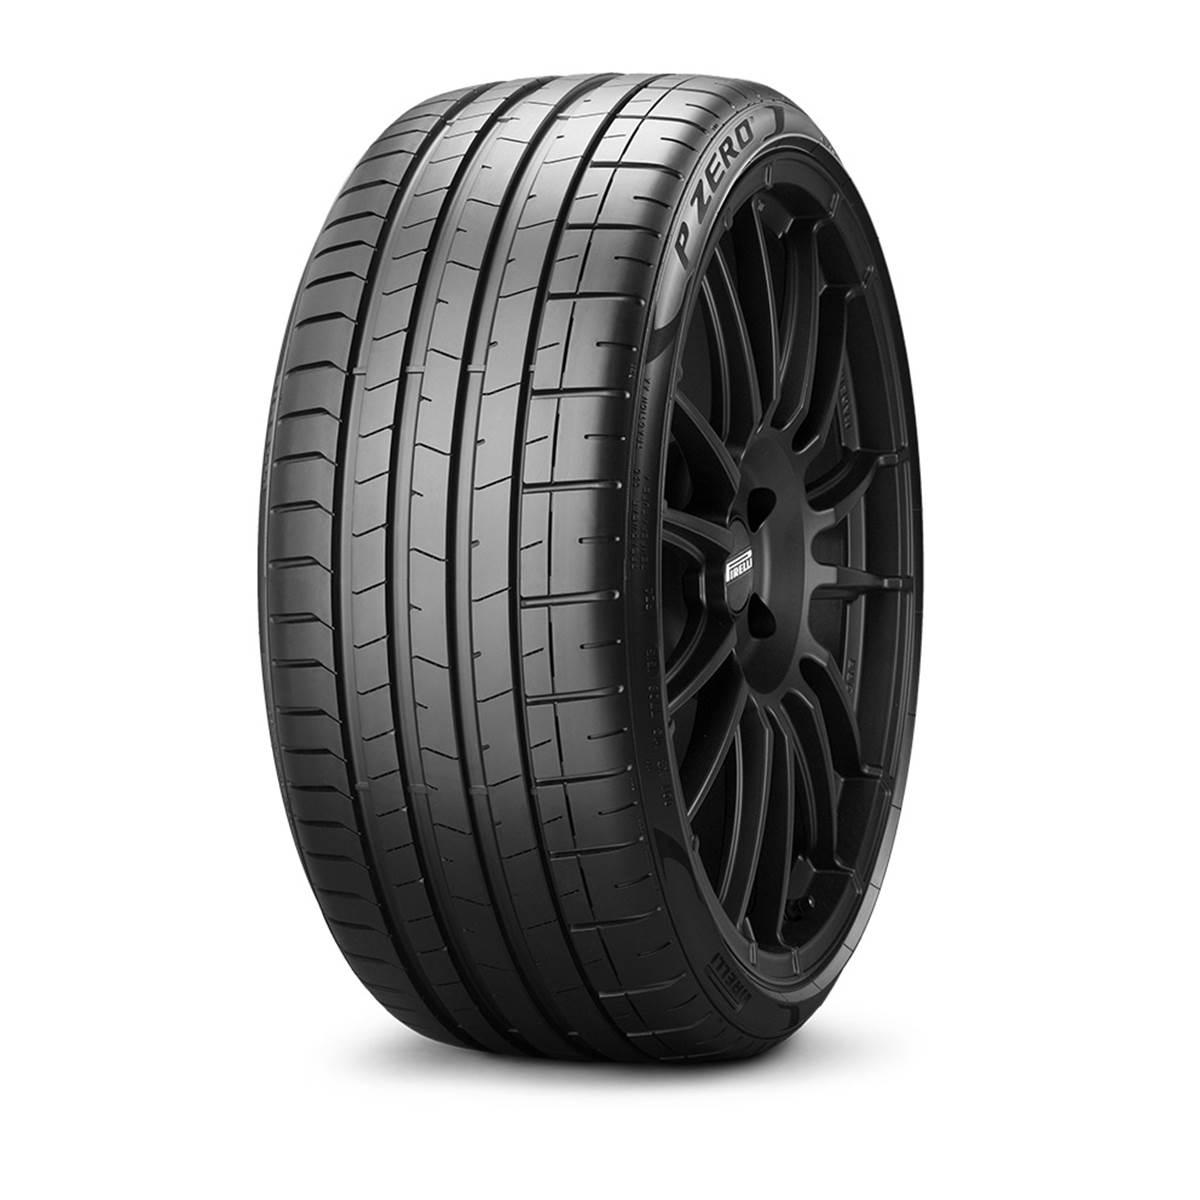 Pneu Pirelli 285/30R21 100Y Pzero XL